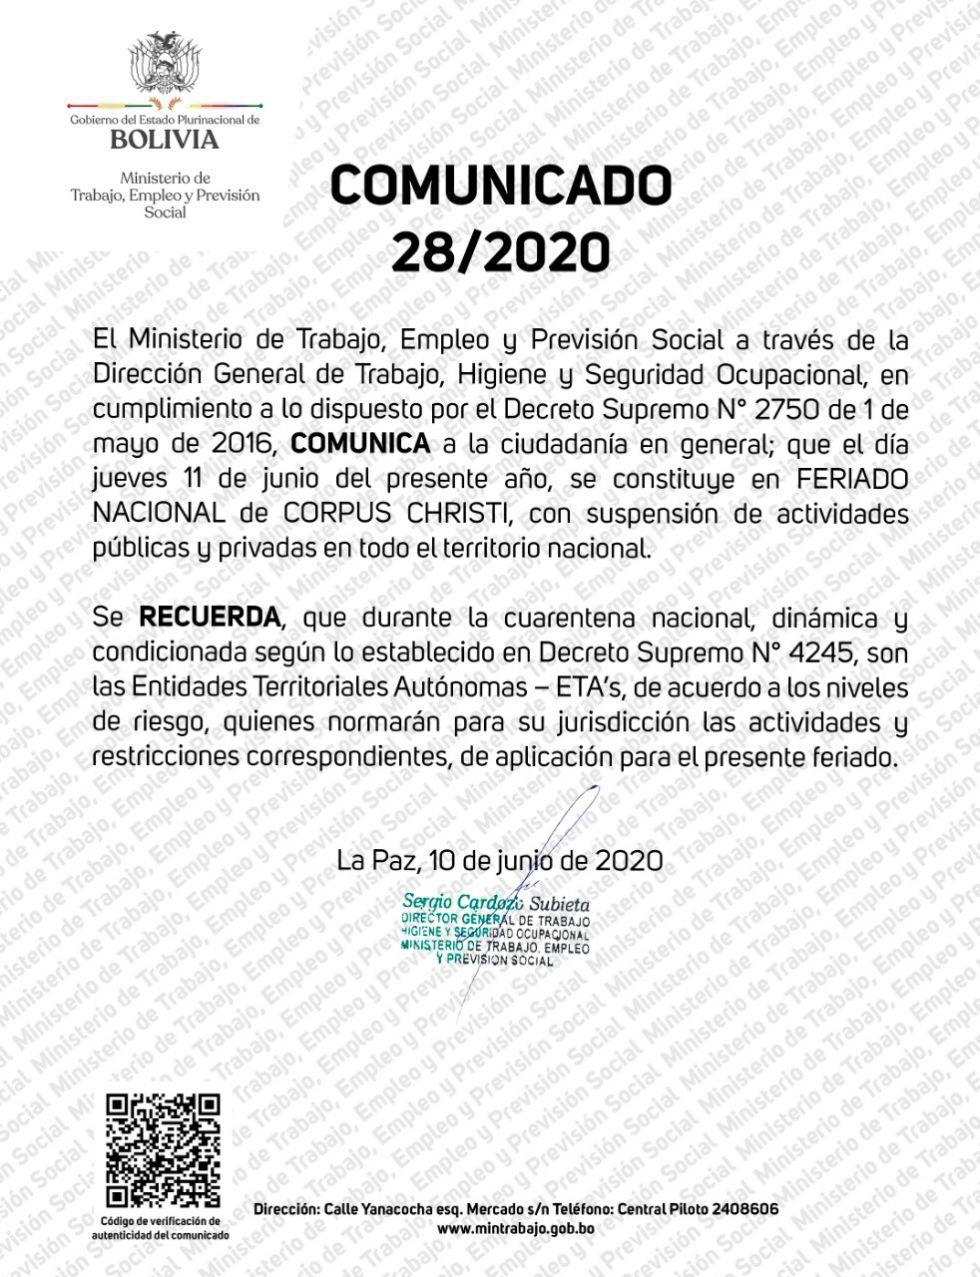 El comunicado del Ministerio de Trabajo.